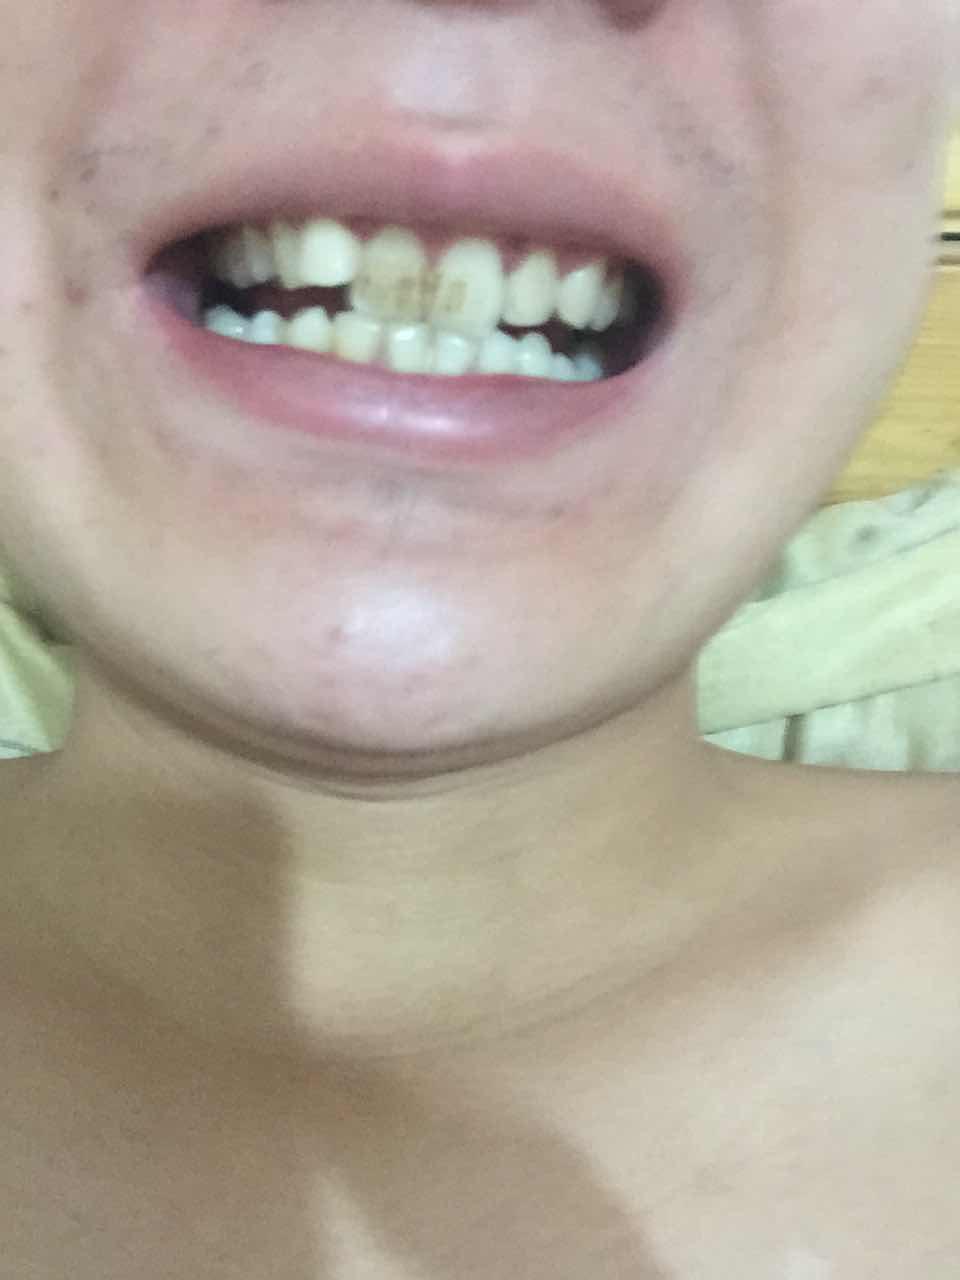 牙渍怎么去除,牙齿有牙渍,抽烟导致,有一颗龅牙,牙齿最内测的下面掉了个牙,我这种情况怎样才能不花太多时间整成下面这种看起来又好看颜色又白的牙齿